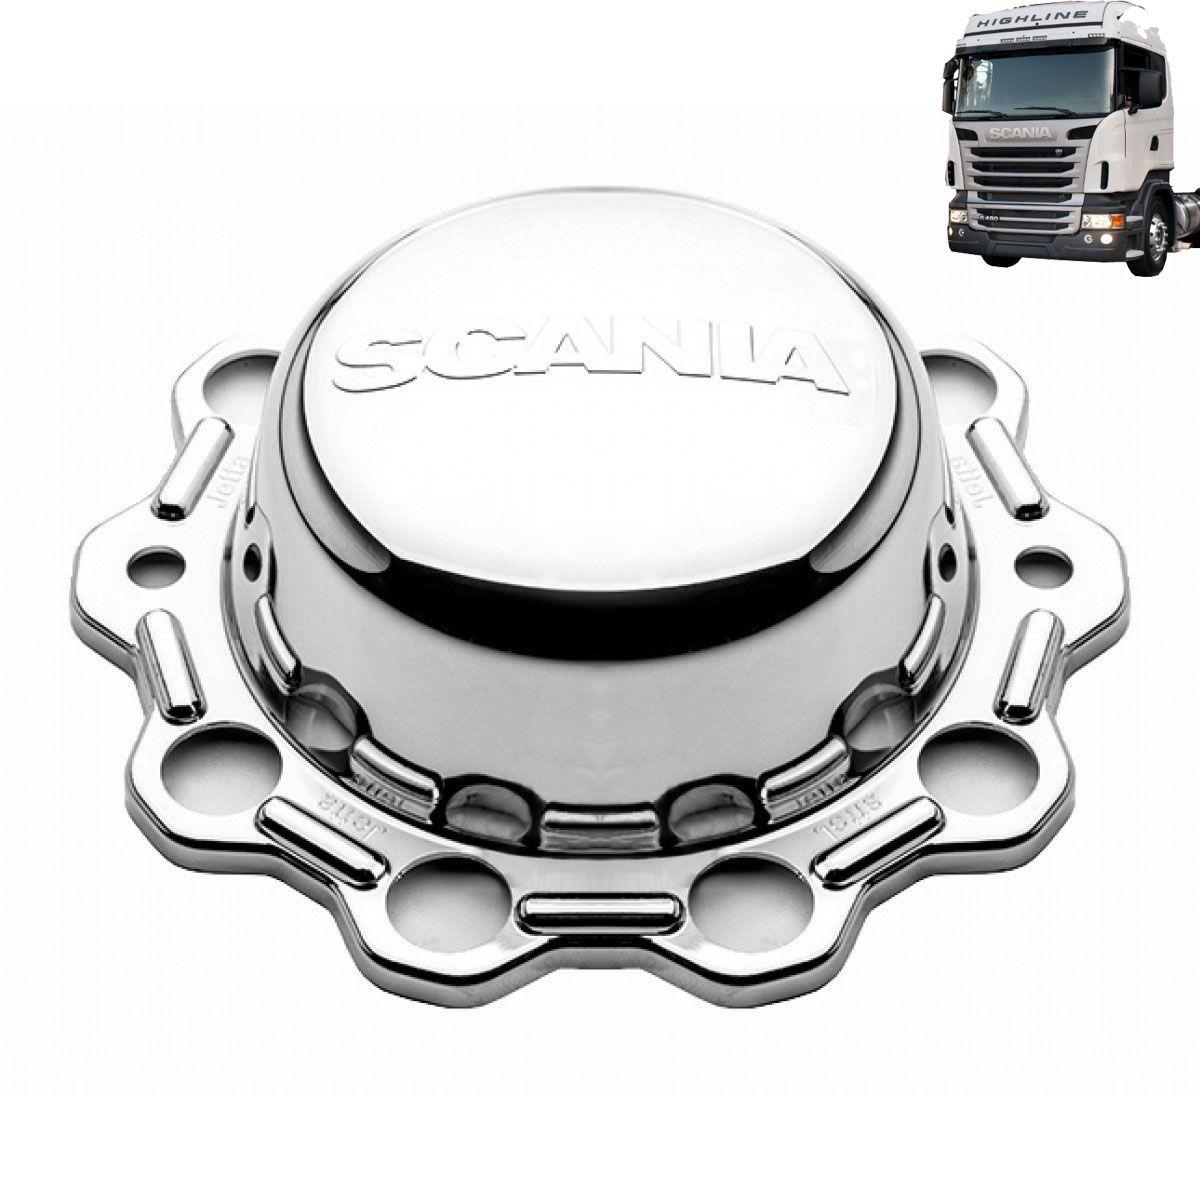 Kit sobre tampa dianteira tração e truck compatível com o caminhão Scania S5 após 2011